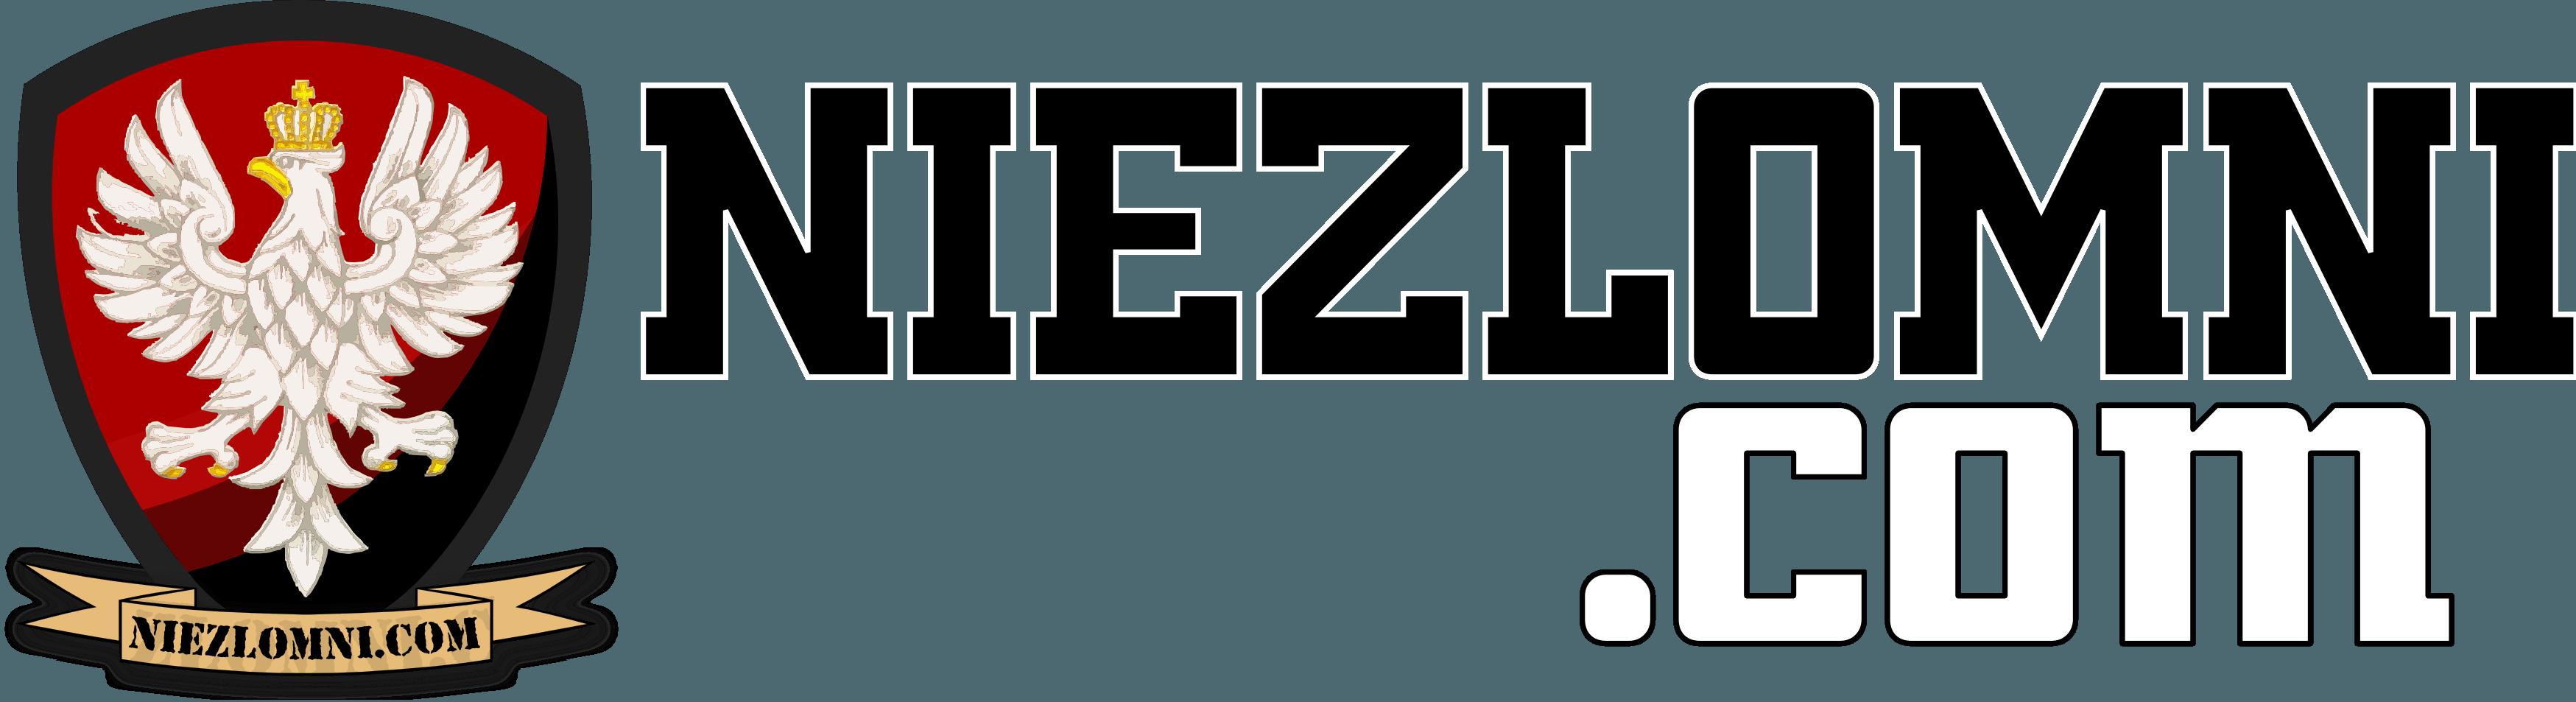 Portal poświęcony polskim bohaterom, polskiej historii oraz polskości